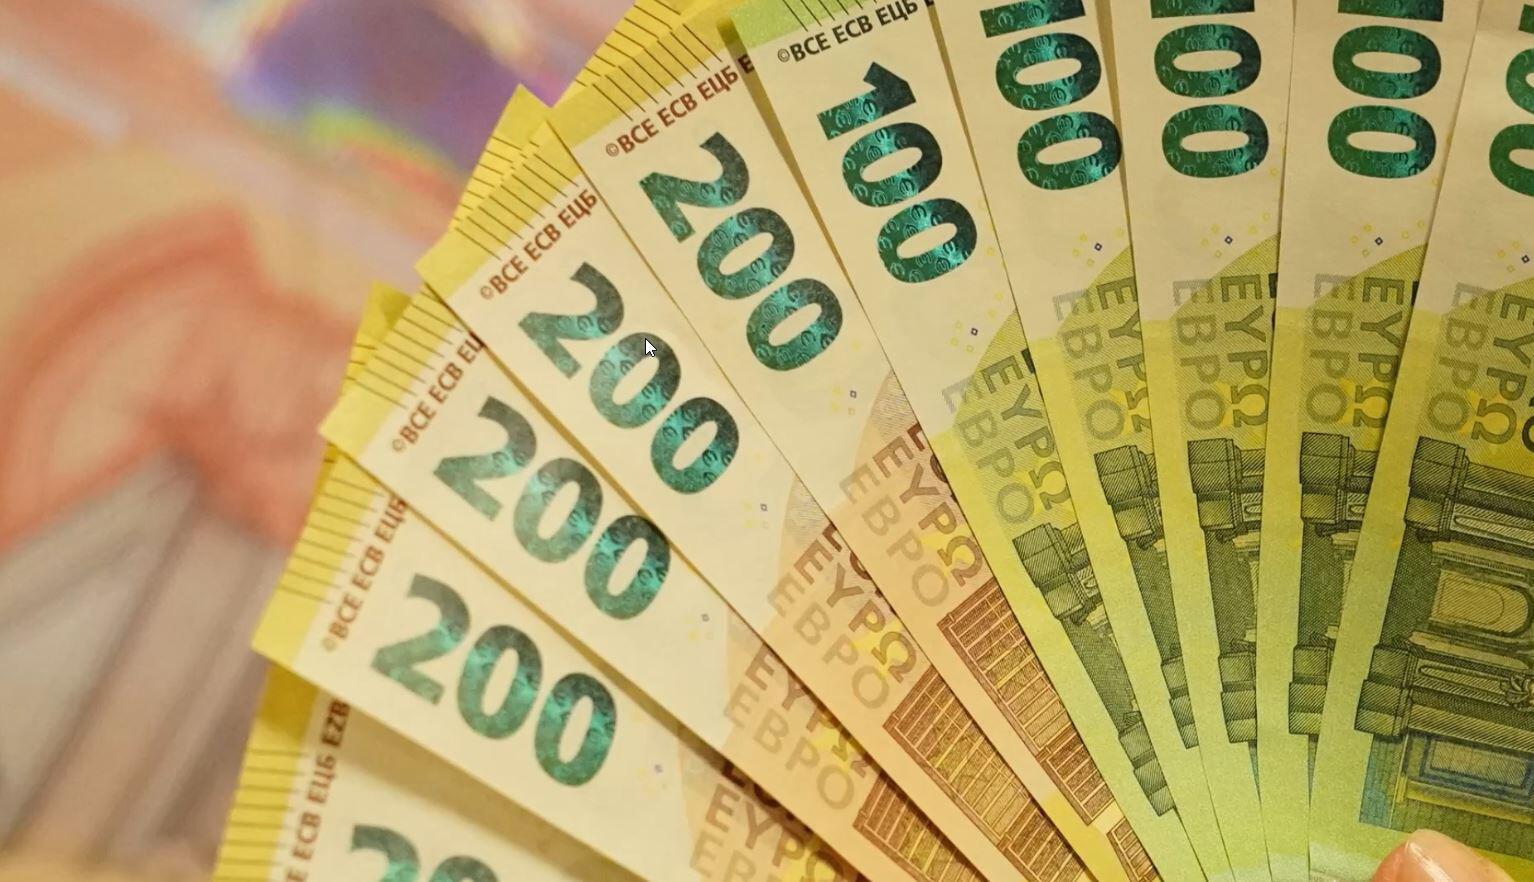 Bild zu Euro, Scheine, 100 Euro, 200 Euro, neues Geld, Umtausch